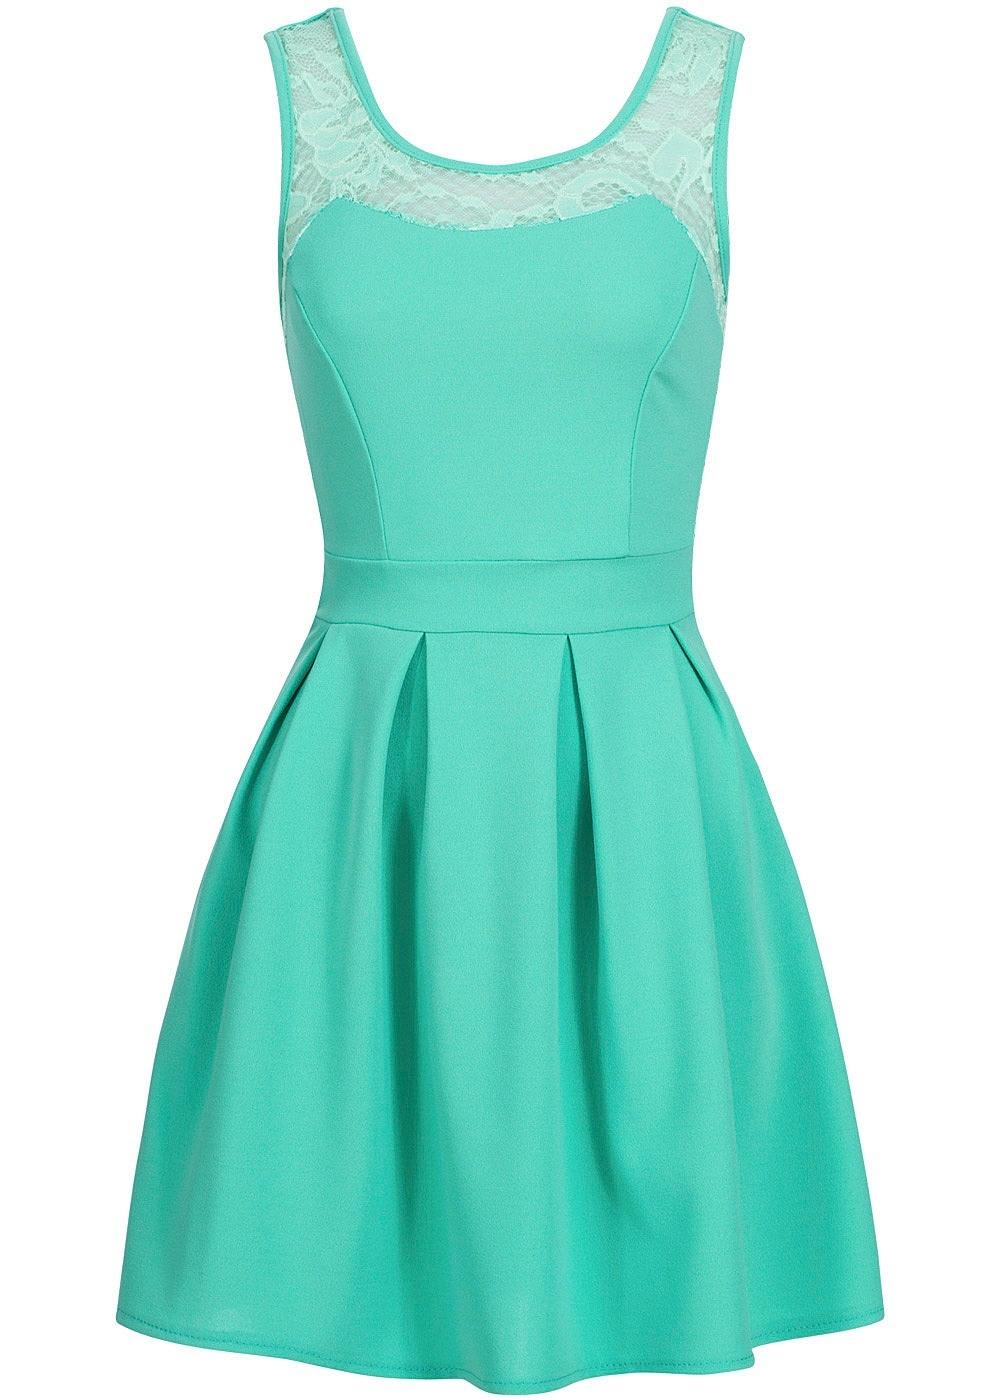 17 Kreativ Kleid Spitze Grün Spezialgebiet13 Fantastisch Kleid Spitze Grün für 2019